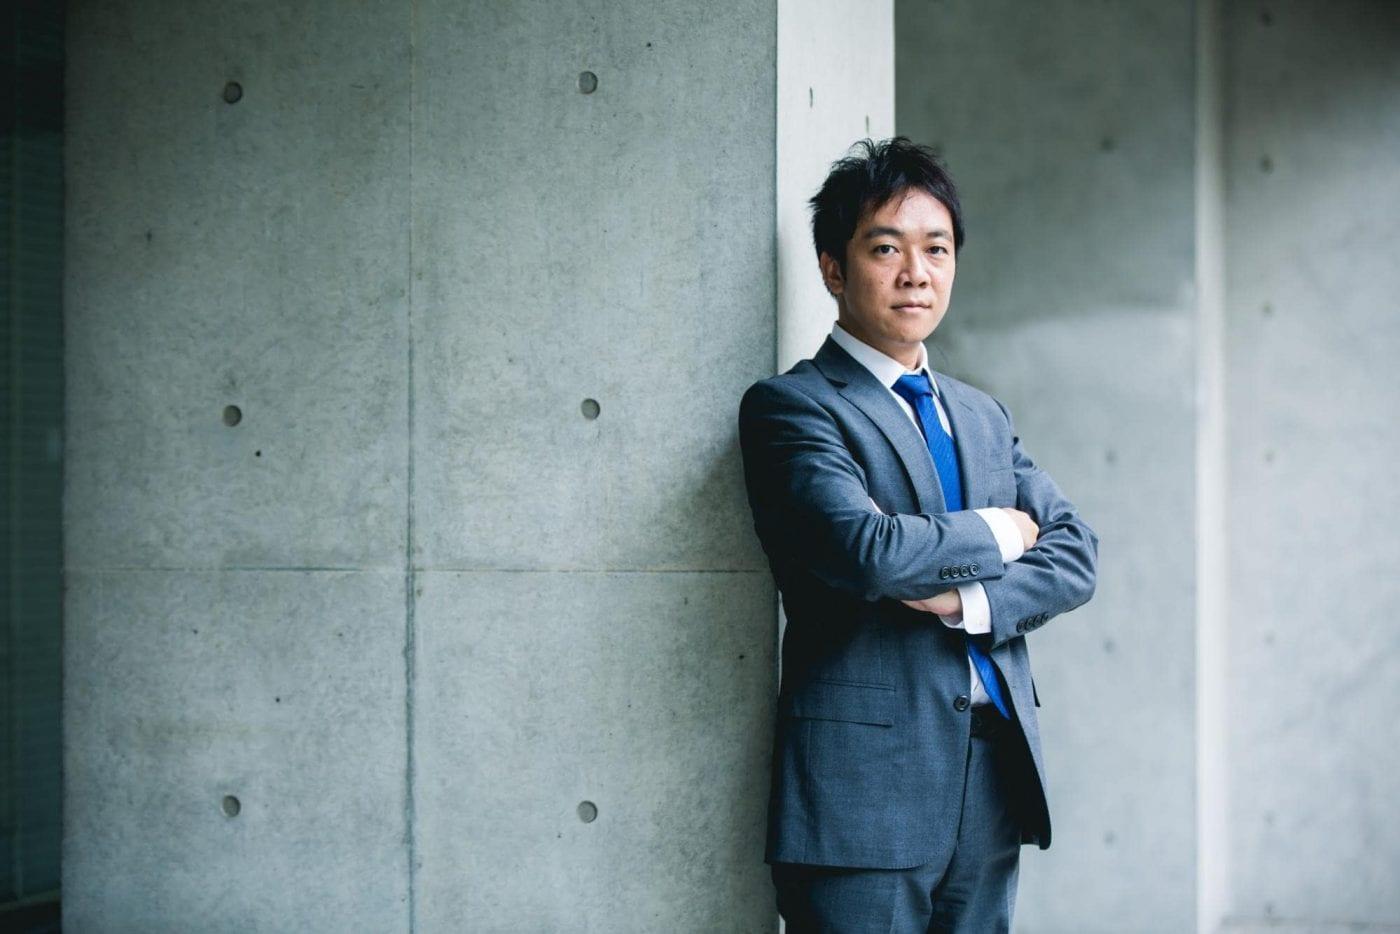 関連記事:ティアフォー代表・加藤真平が語る、創造したい未来と破壊したい今